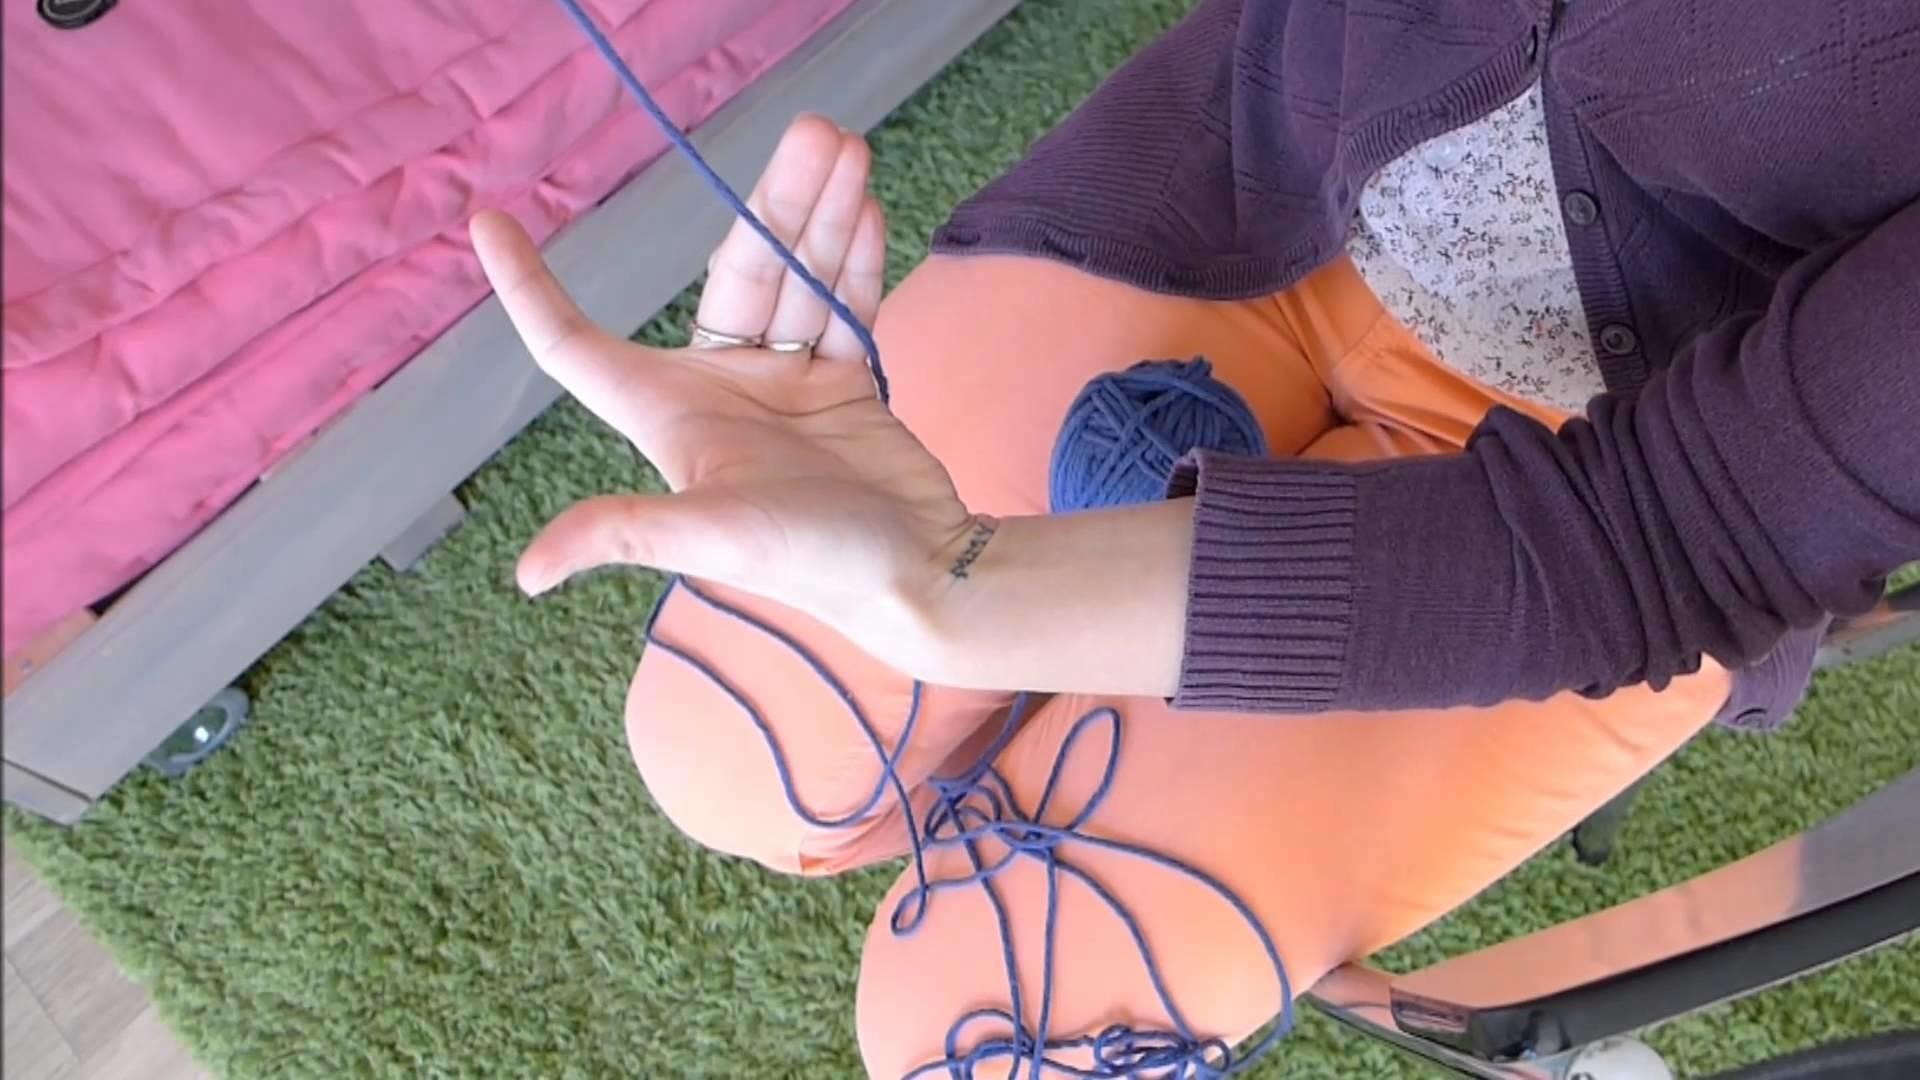 Cours de Tricot n°1 - Monter les Mailles - Méthode facile et rapide